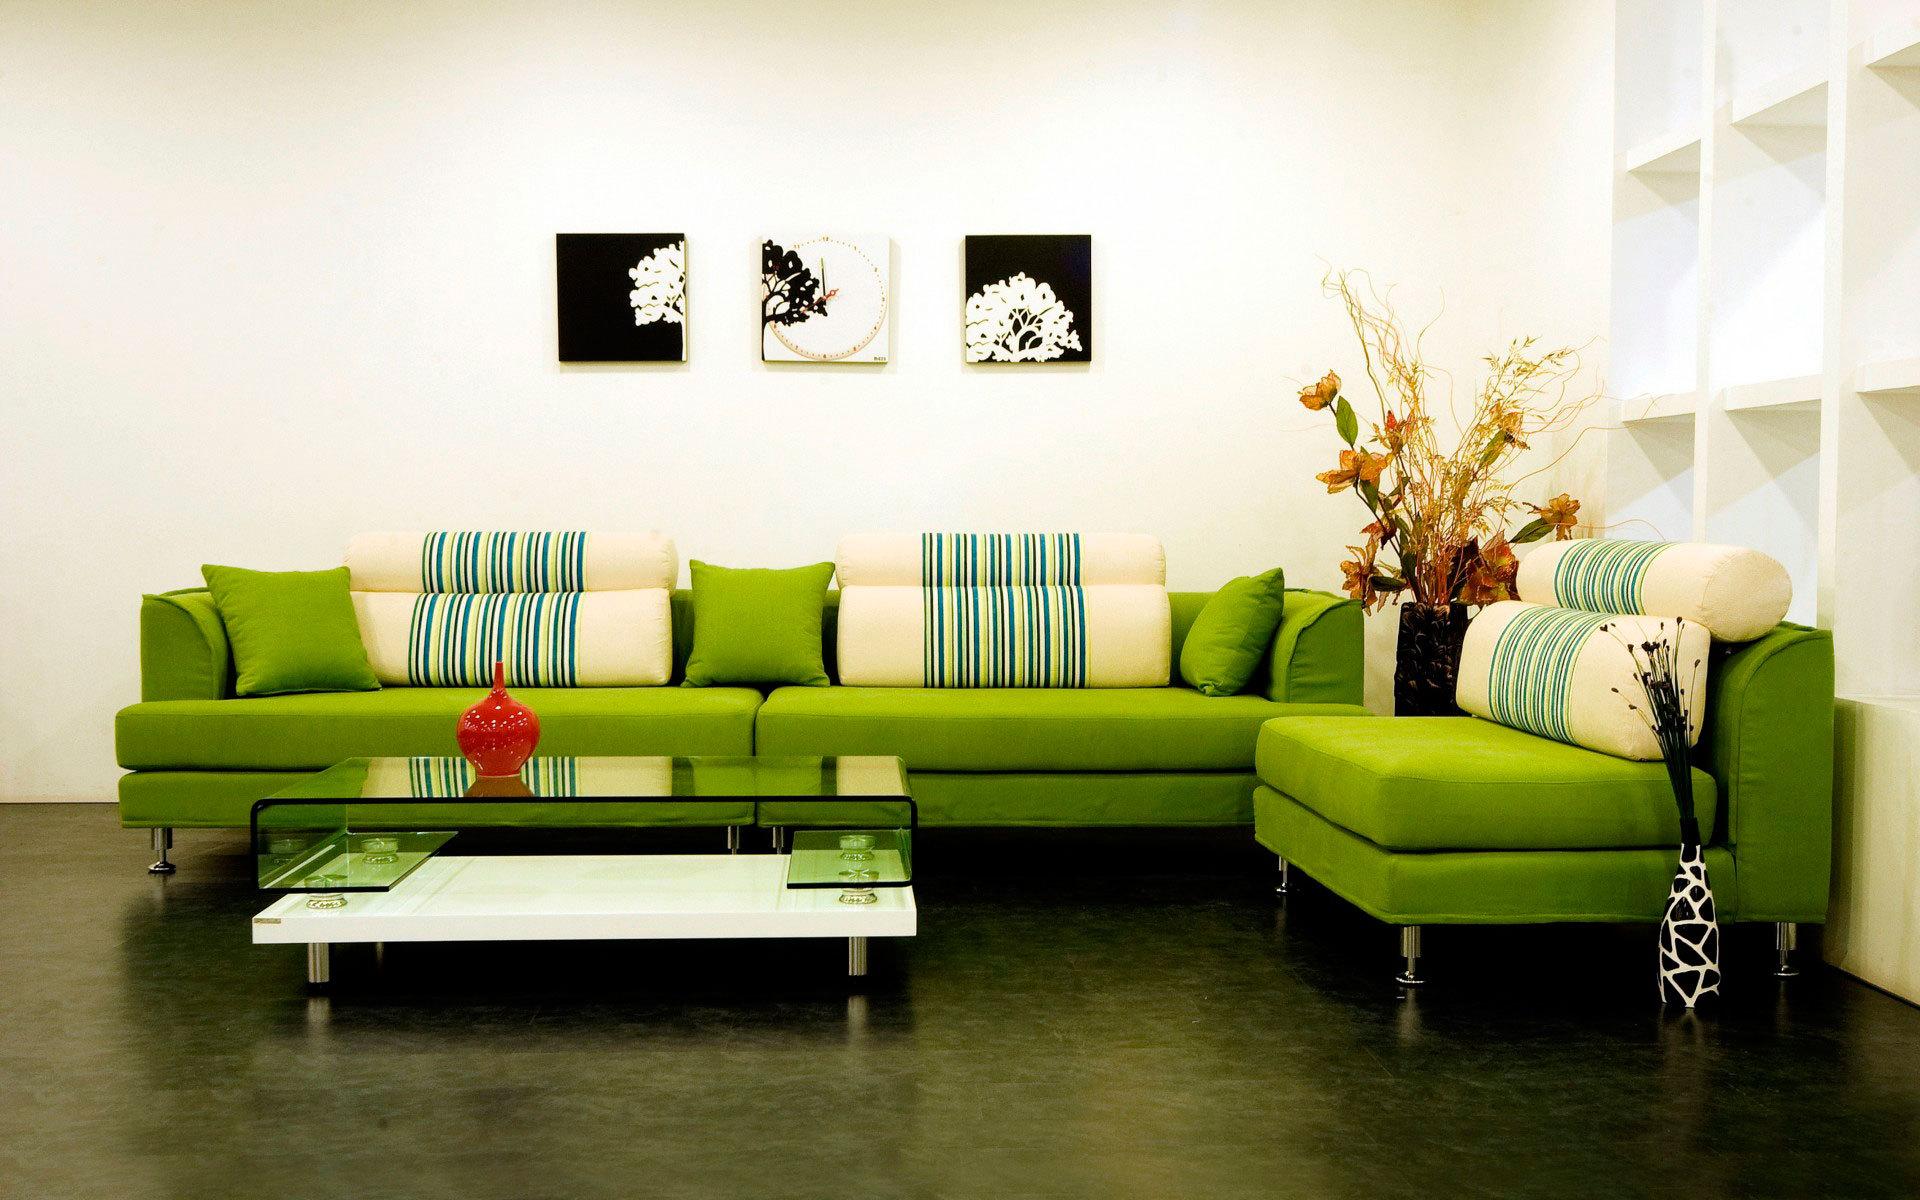 Зелёный диван в интерьере фото